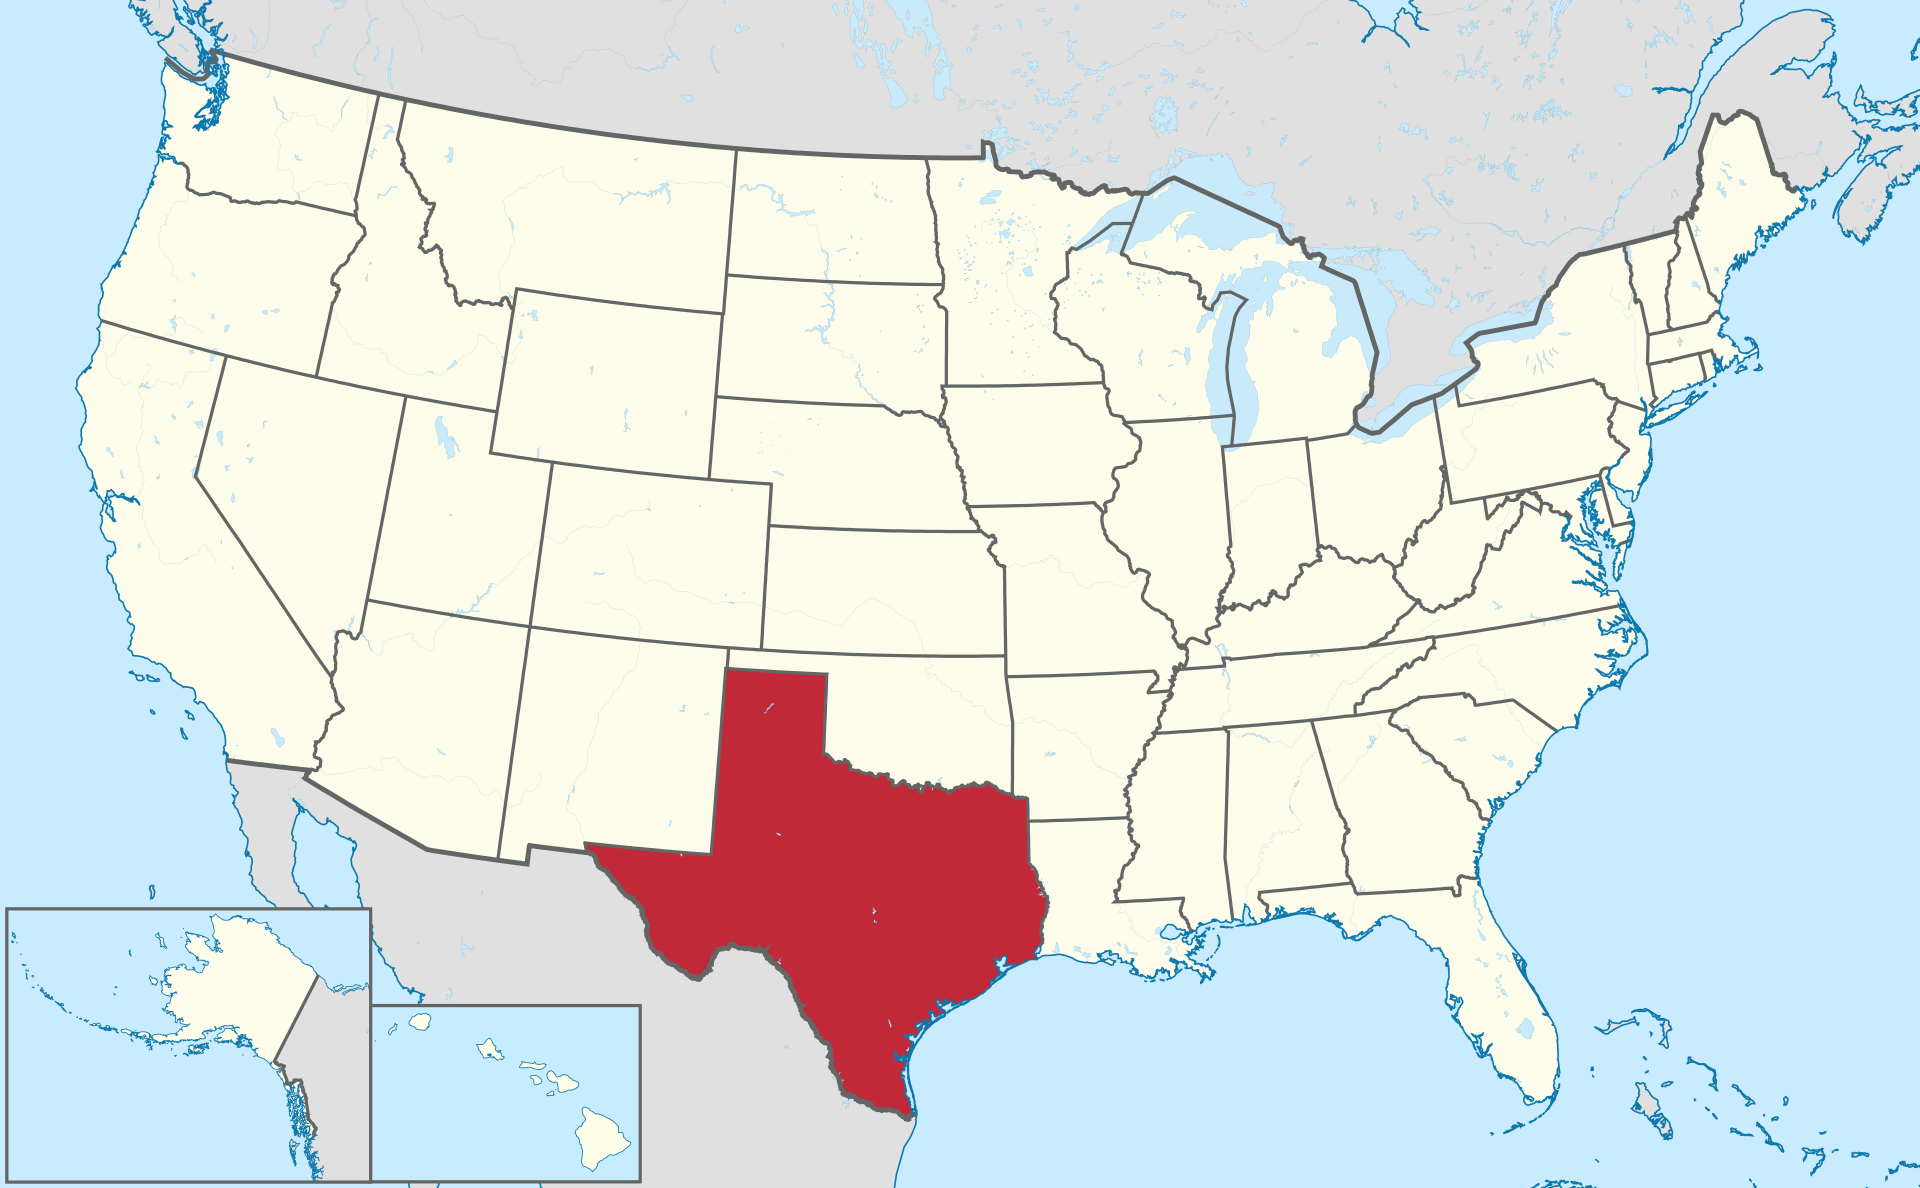 テキサス州の位置